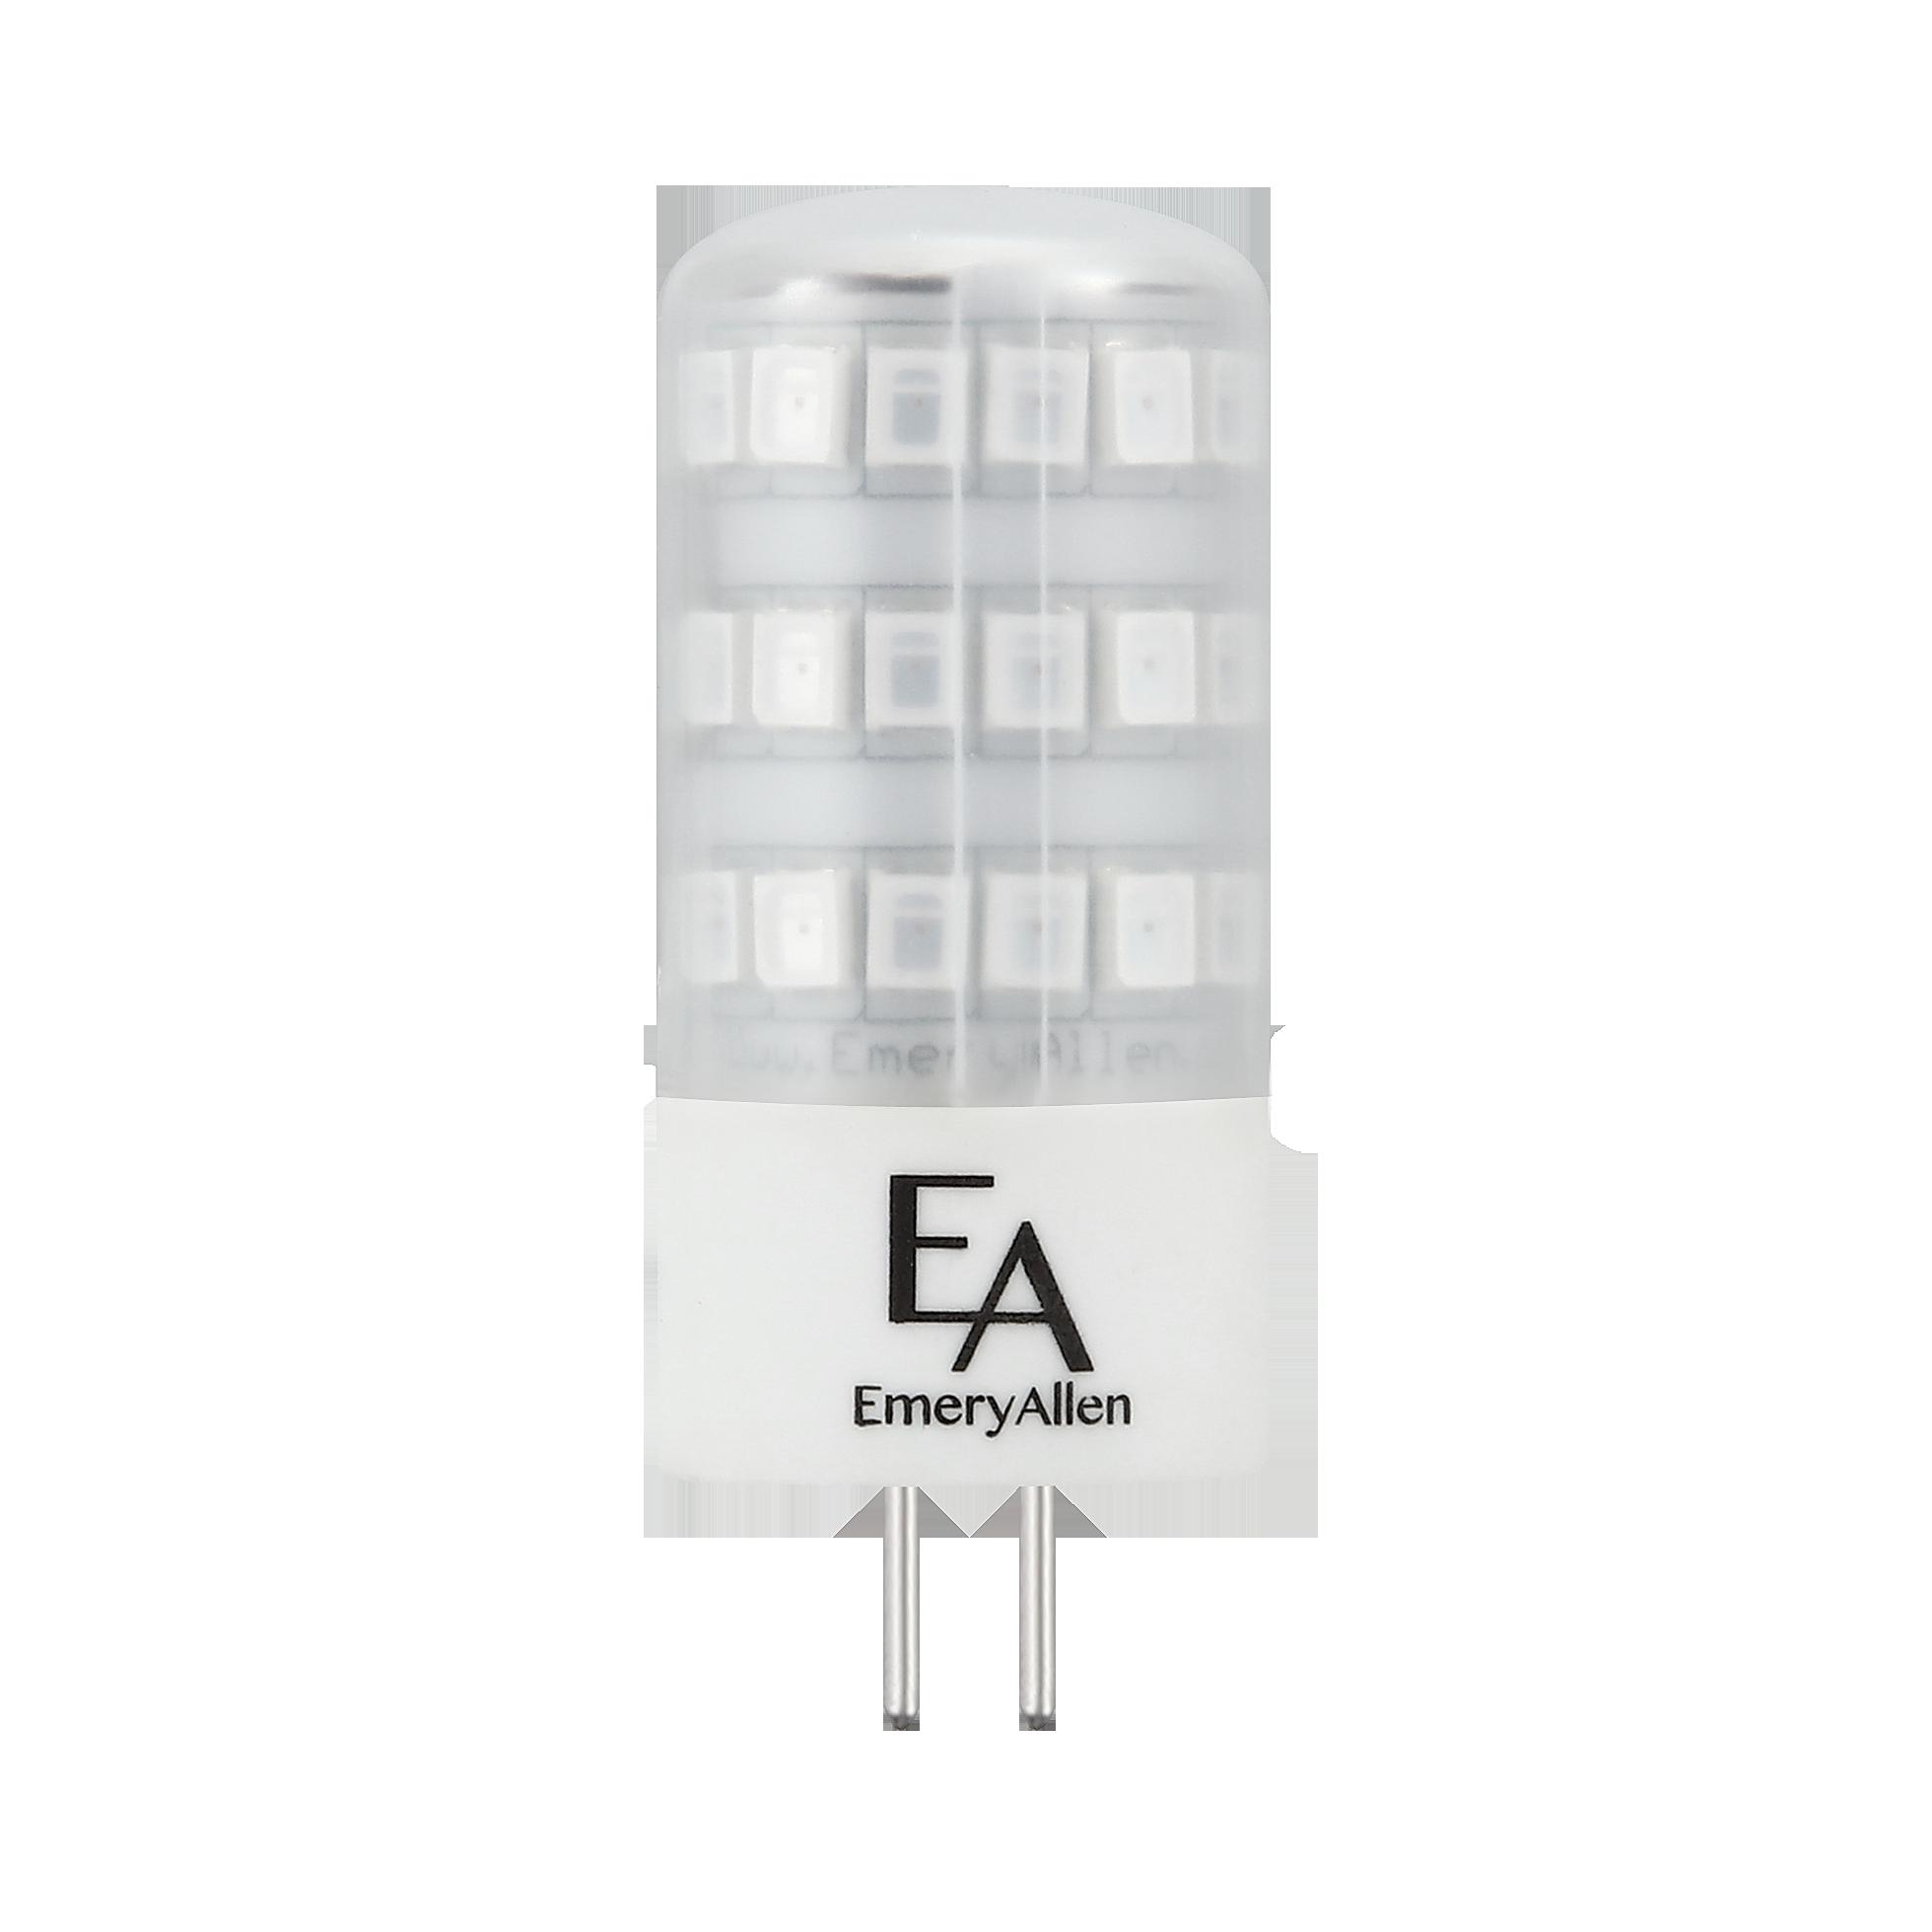 EA-G4-2.0W-001-AMB 1.png